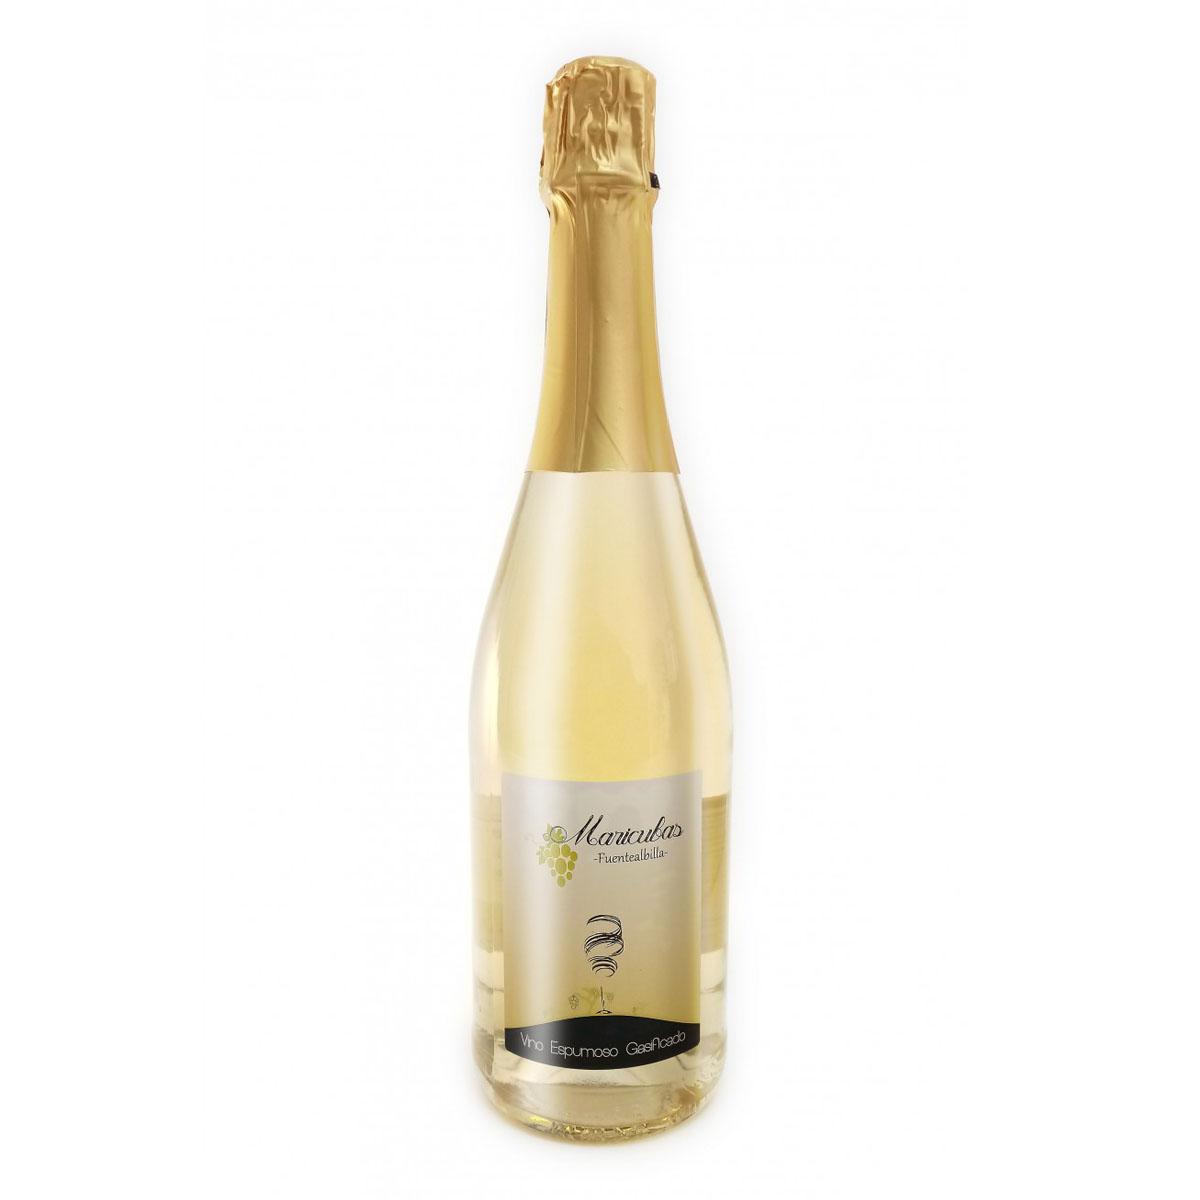 西班牙卡斯蒂亚-拉曼查中甜度气泡型白葡萄酒